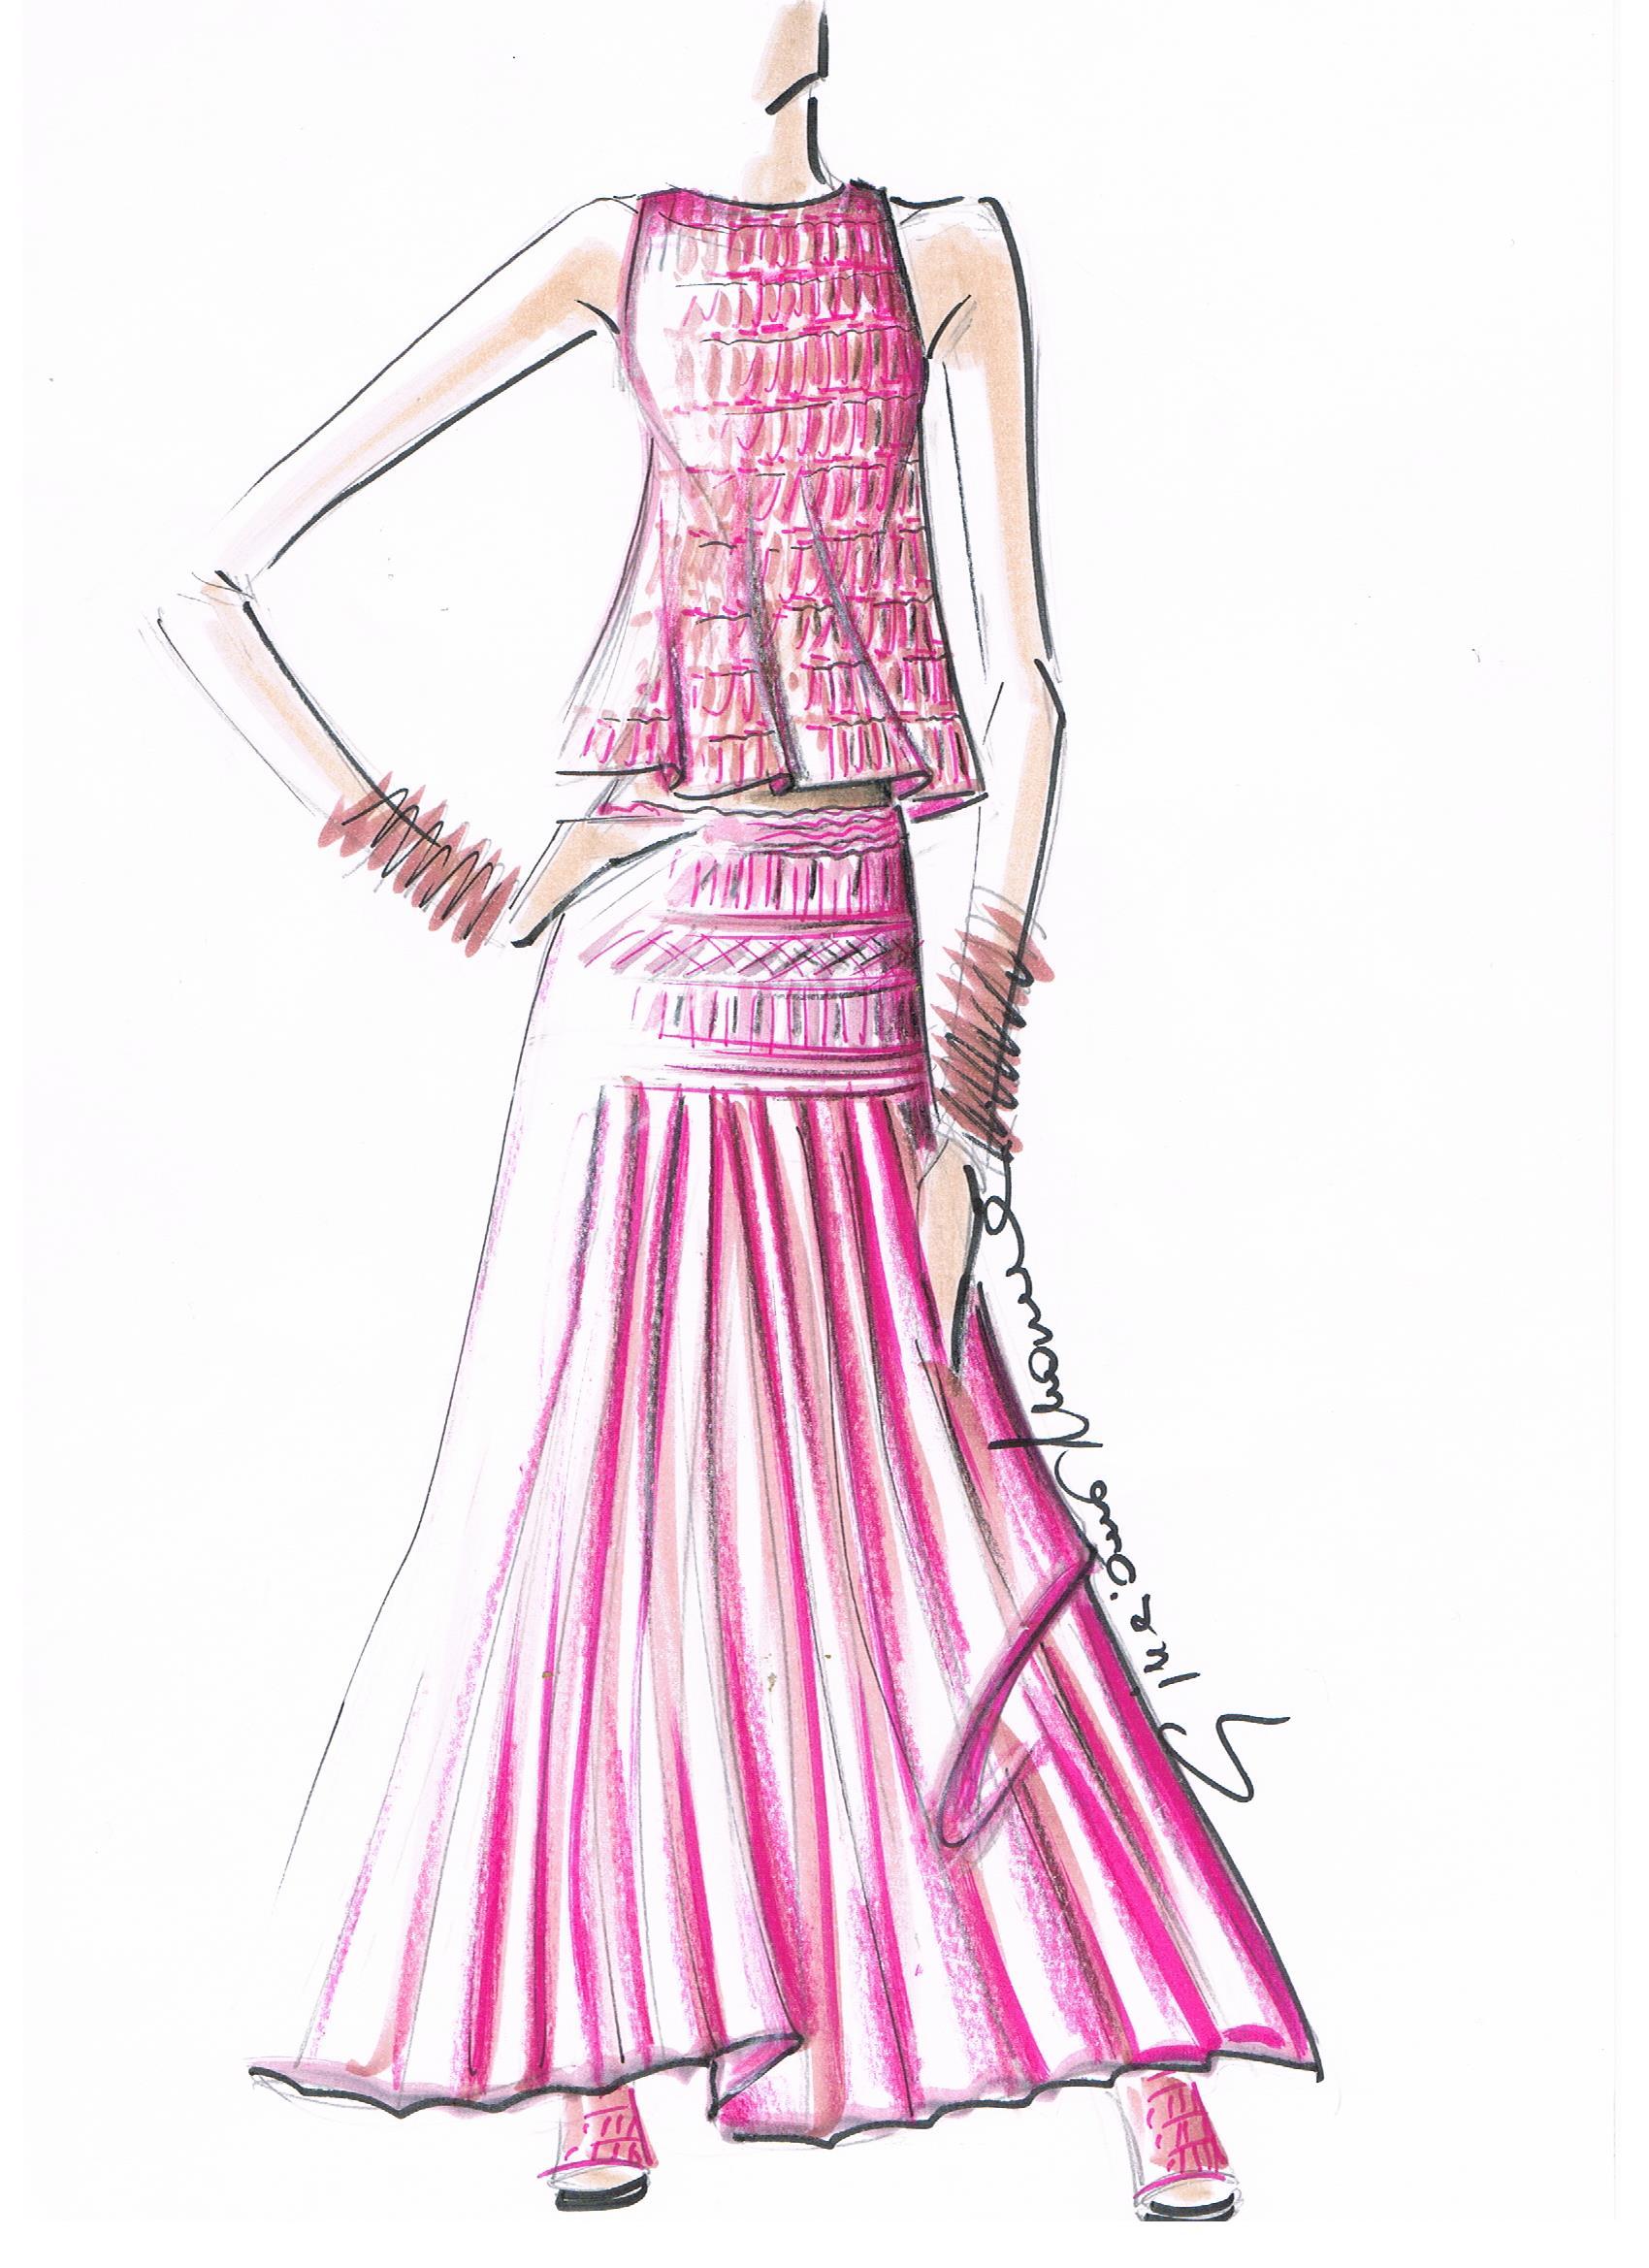 Giuliano&GiusyMarelli_Collezione-SS-2000_Romantic-Sporty-Life_Figurino_PinkPlissè_Aran_Transparent_Top_Skirt_Made-in-Italy_Maglieria_Maglia_Knit.jpg